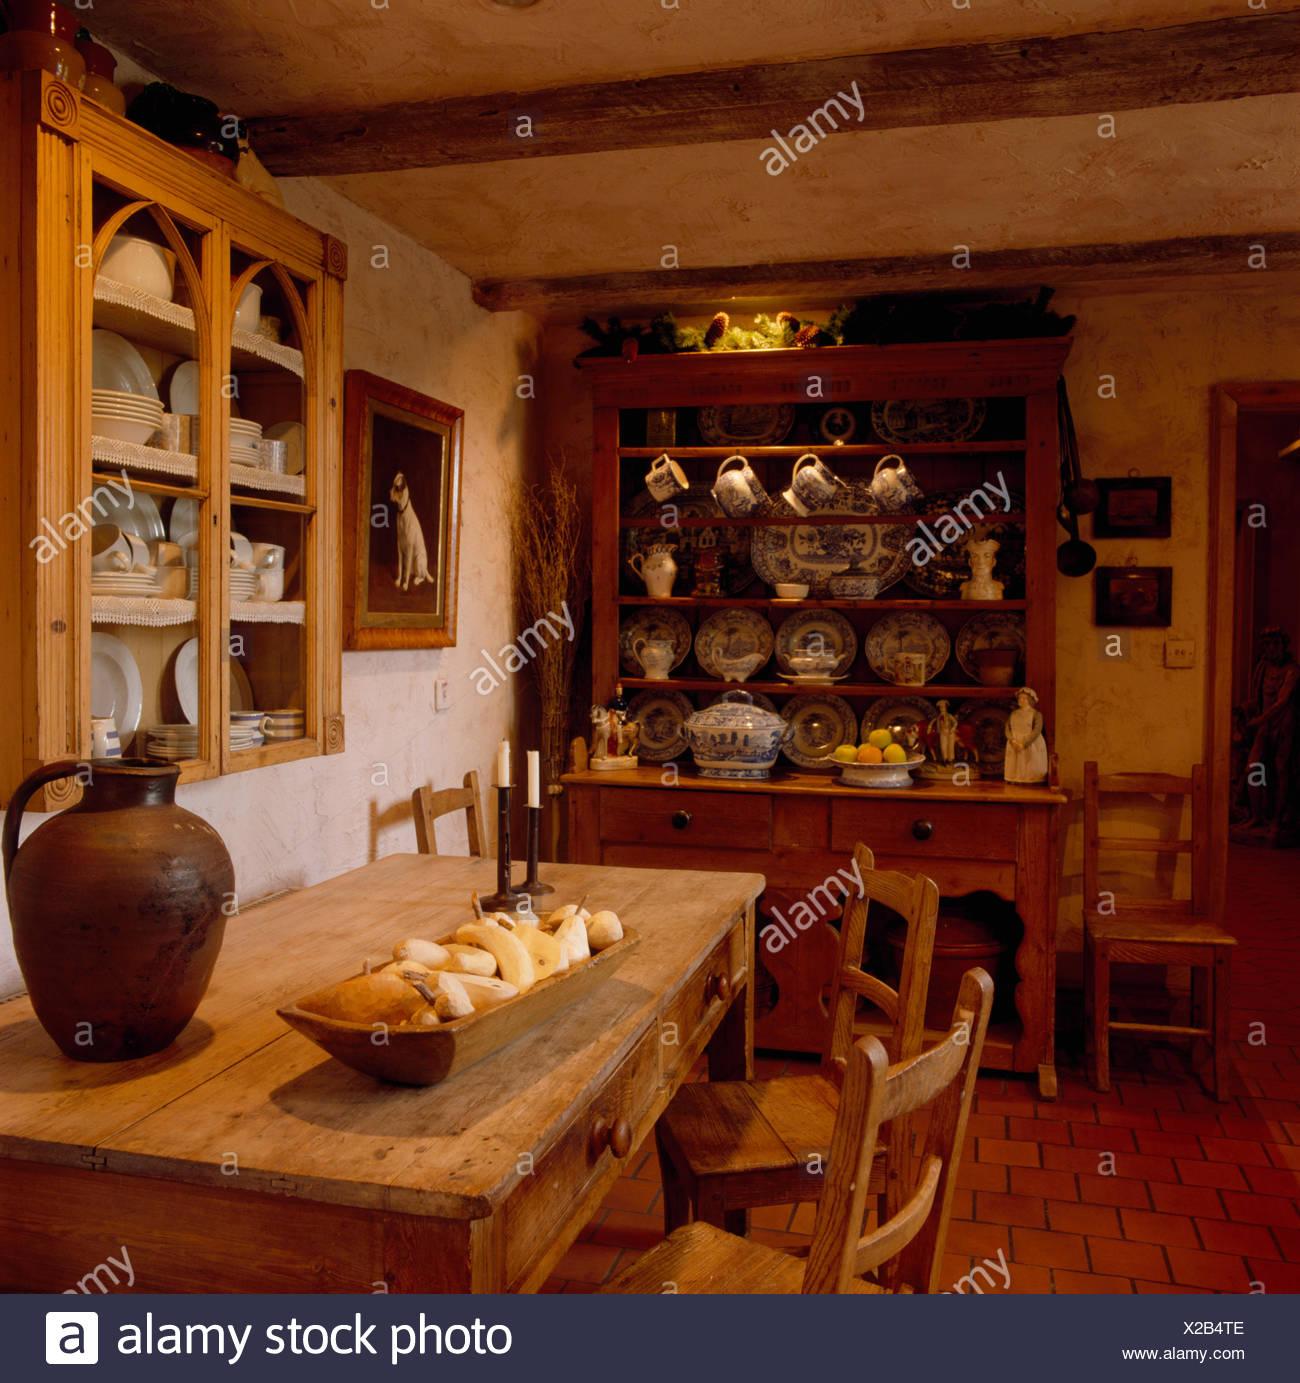 Esszimmer Rustikal | Antike Kommode Und Kiefer Tisch Im Esszimmer Rustikal Land Stockfoto